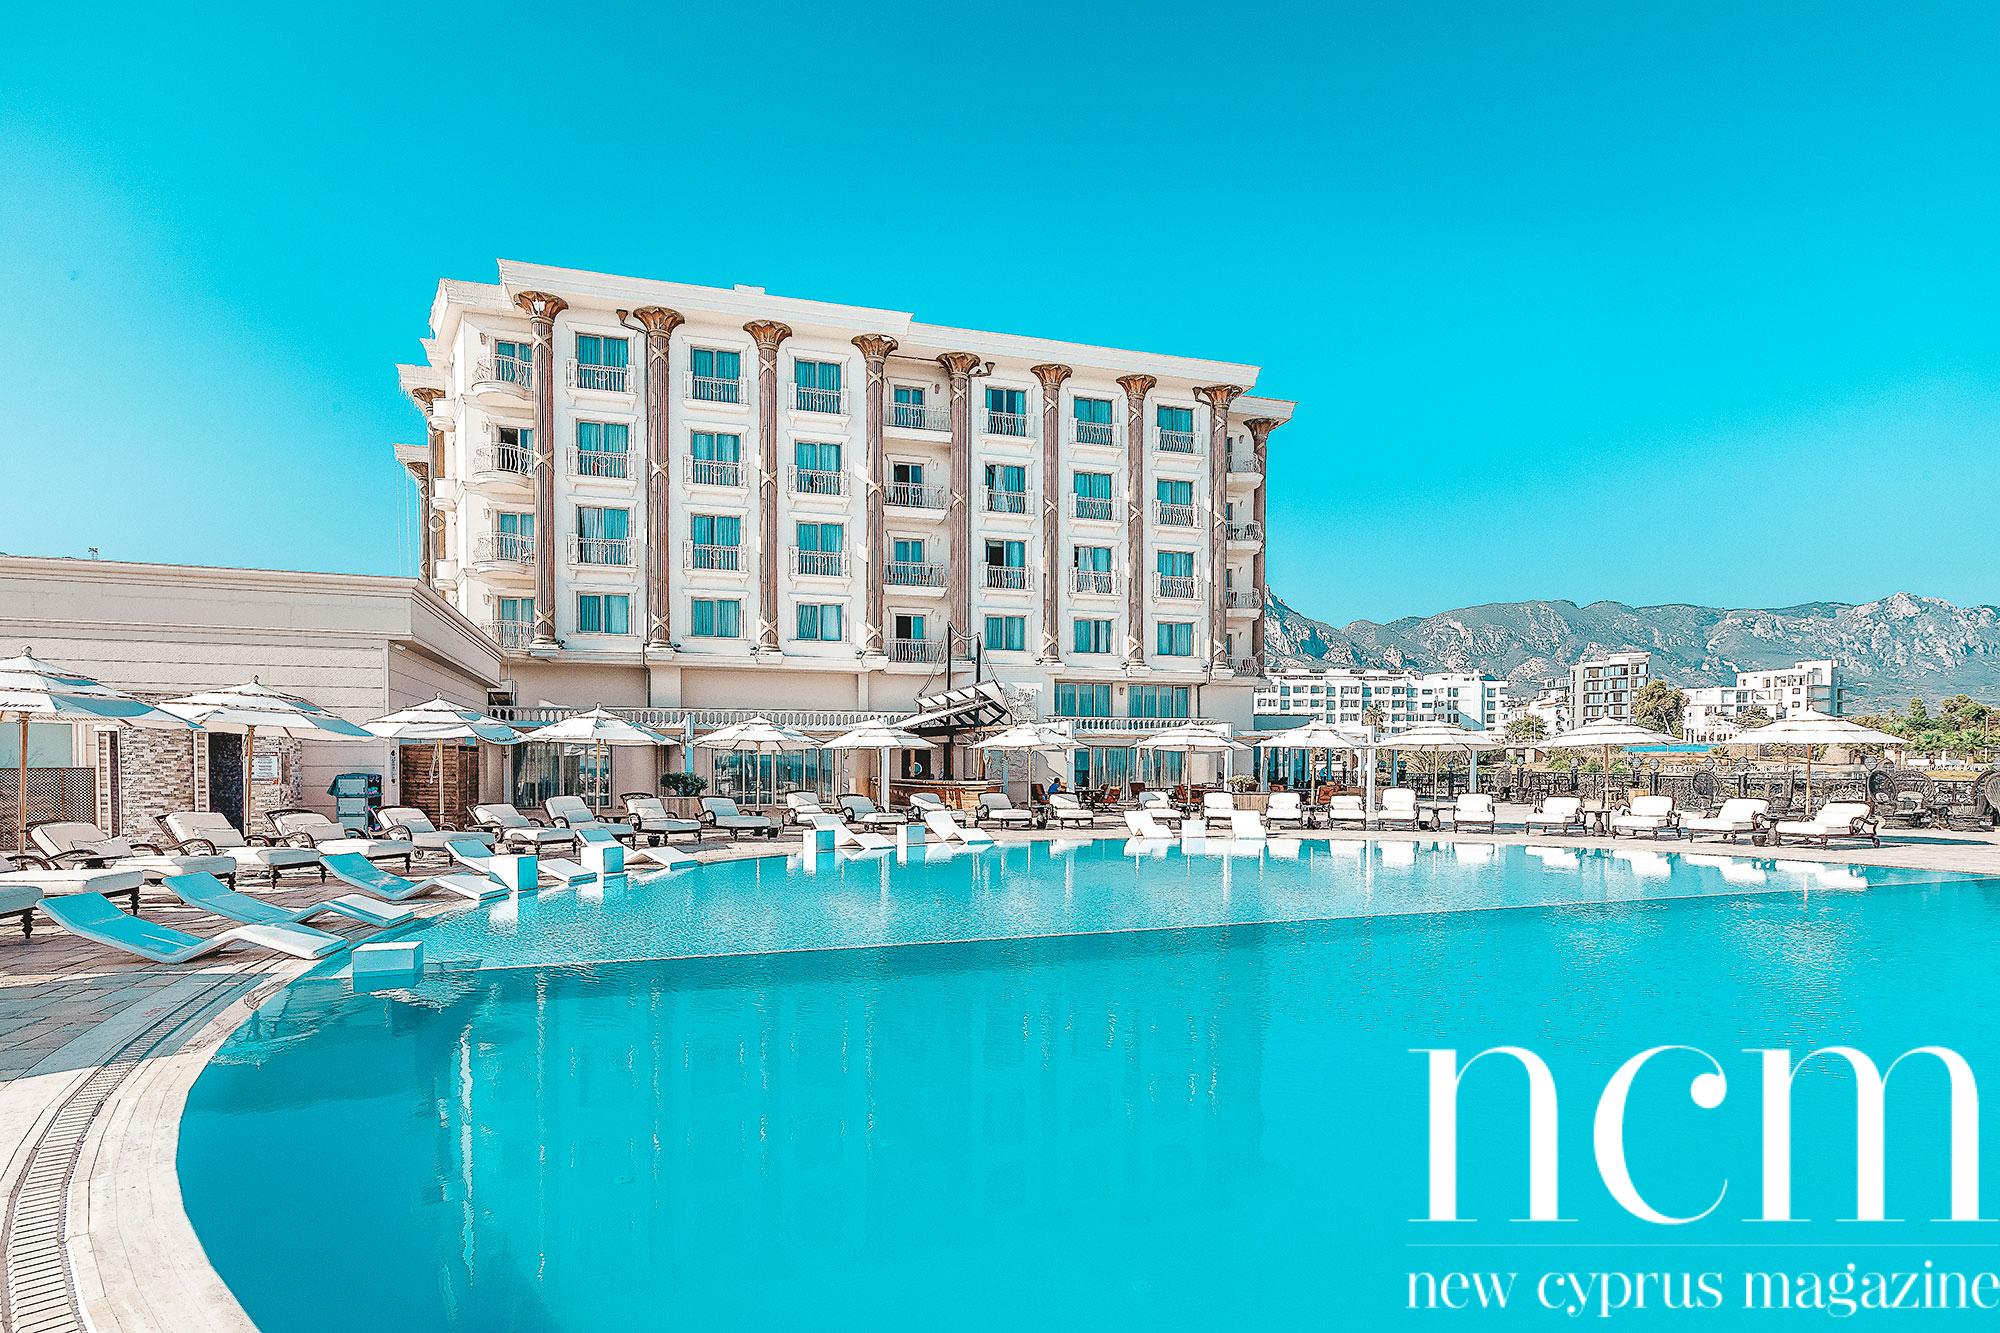 Les Ambassadeurs Hotel Pool area